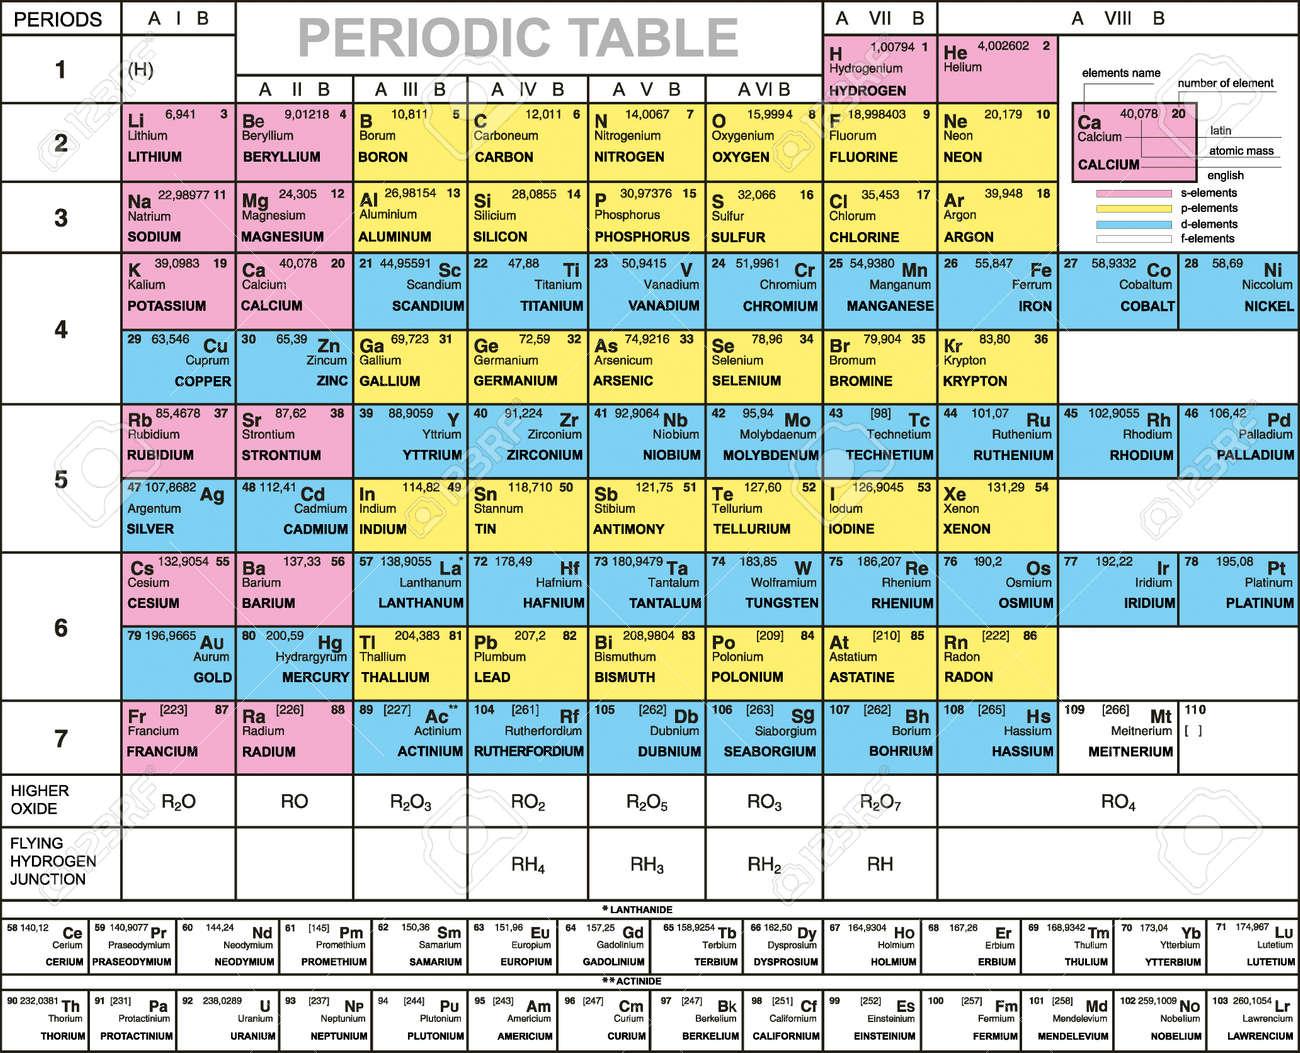 Complet Tableau Periodique Des Elements De Numero Atomique Symbole De Poids Le Latin Et En Anglais Des Noms Clip Art Libres De Droits Vecteurs Et Illustration Image 4316323